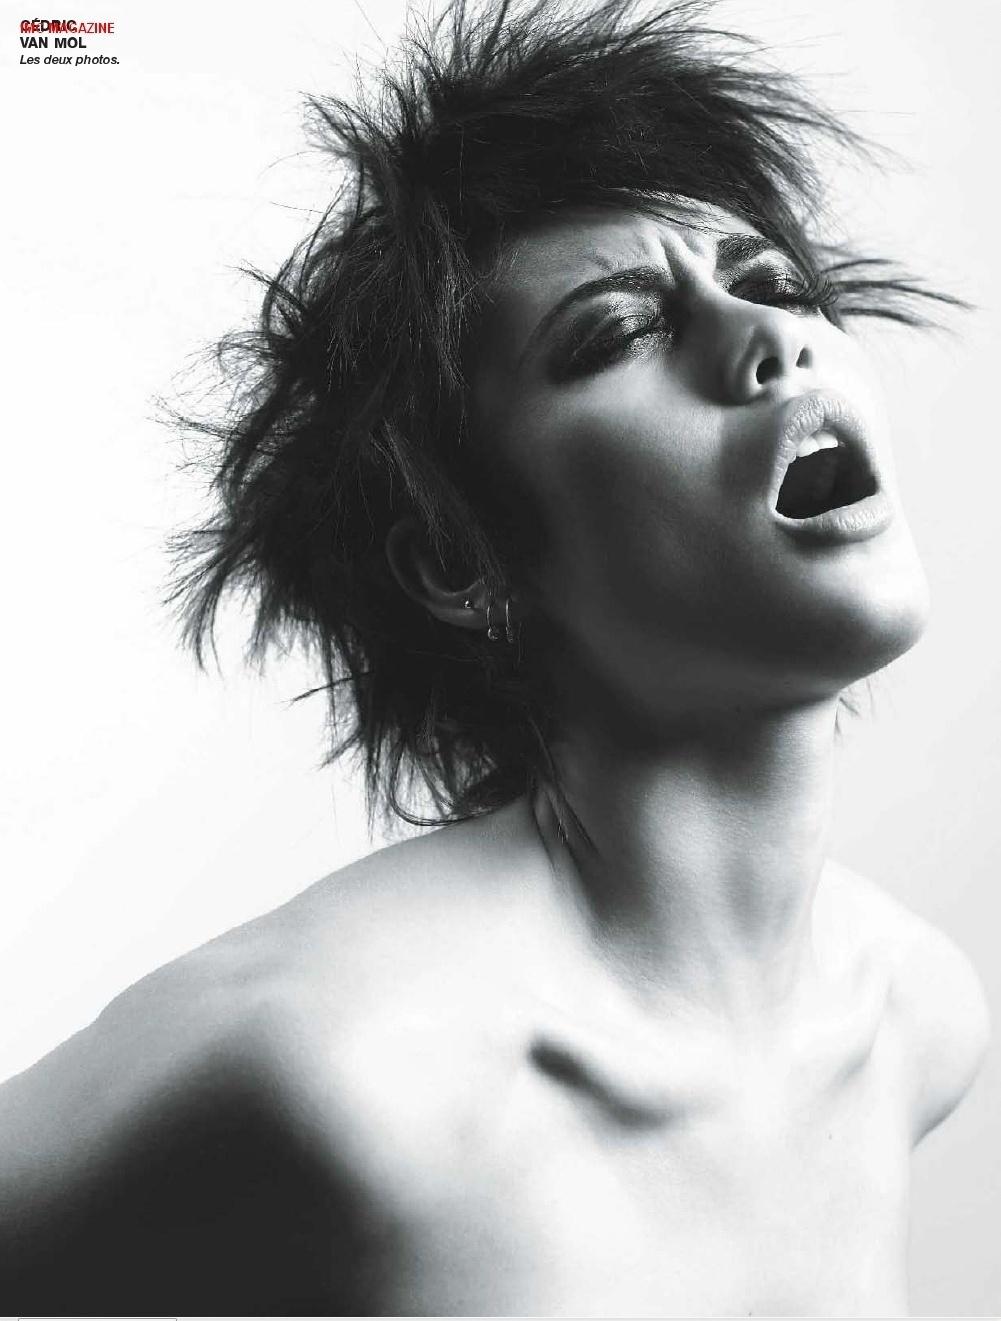 Olga Kurylenko | Cedric Van Mol Photoshoot